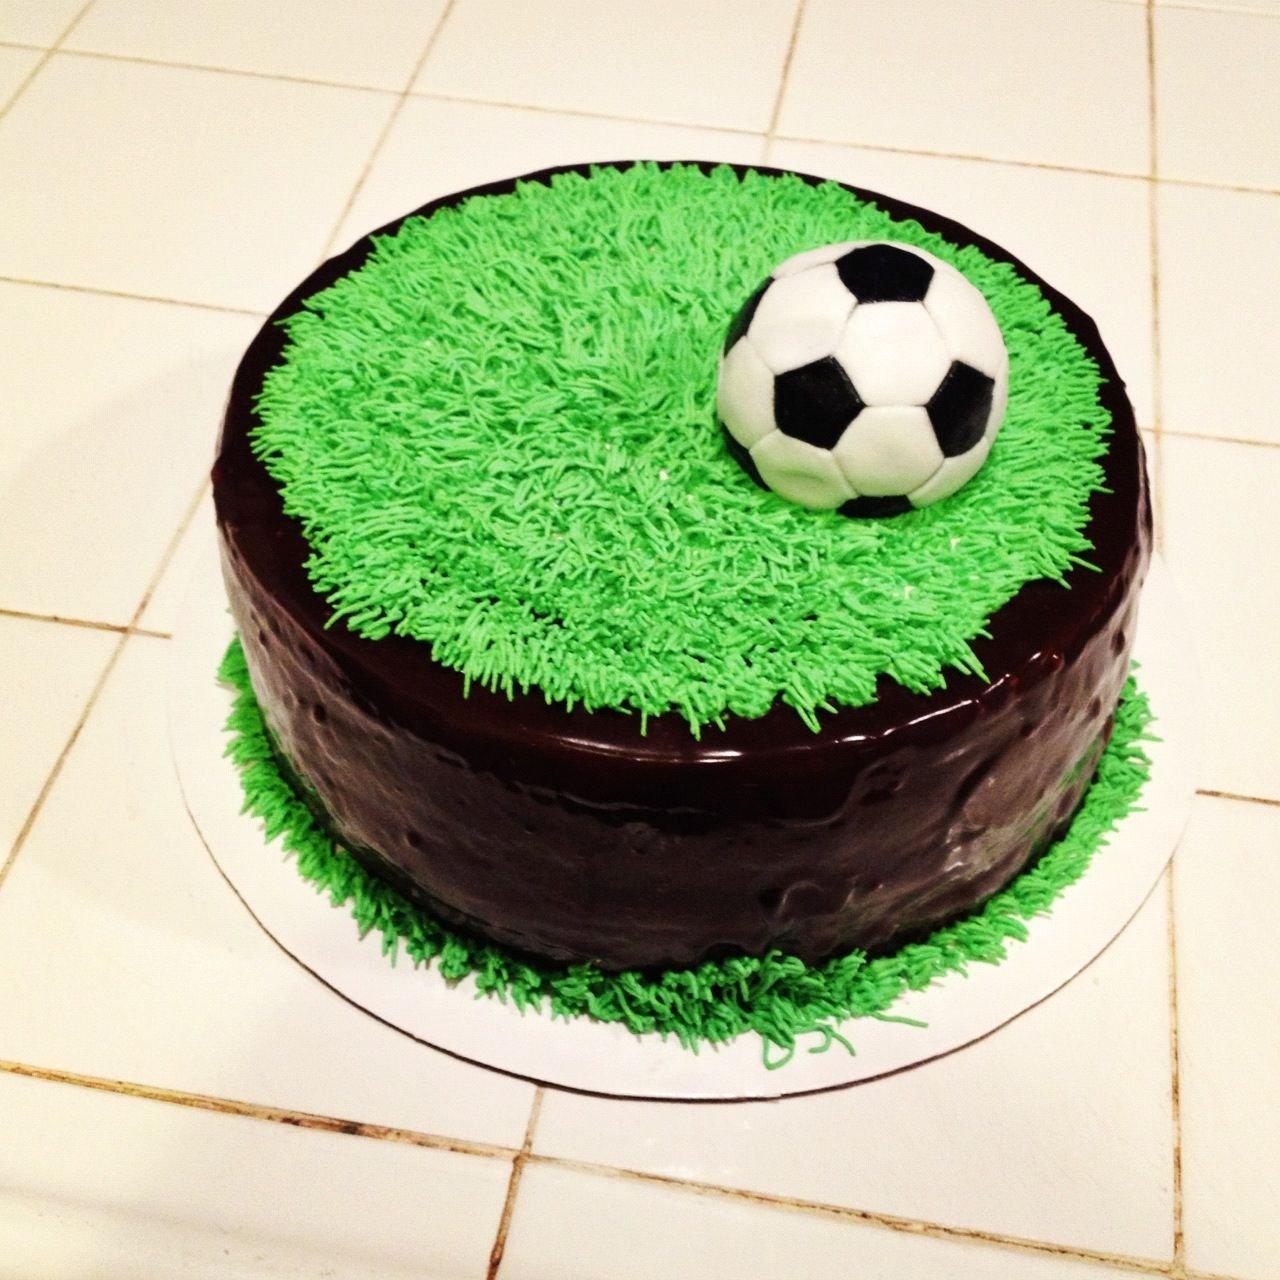 письменные торт для футболиста из мастики фото макияж